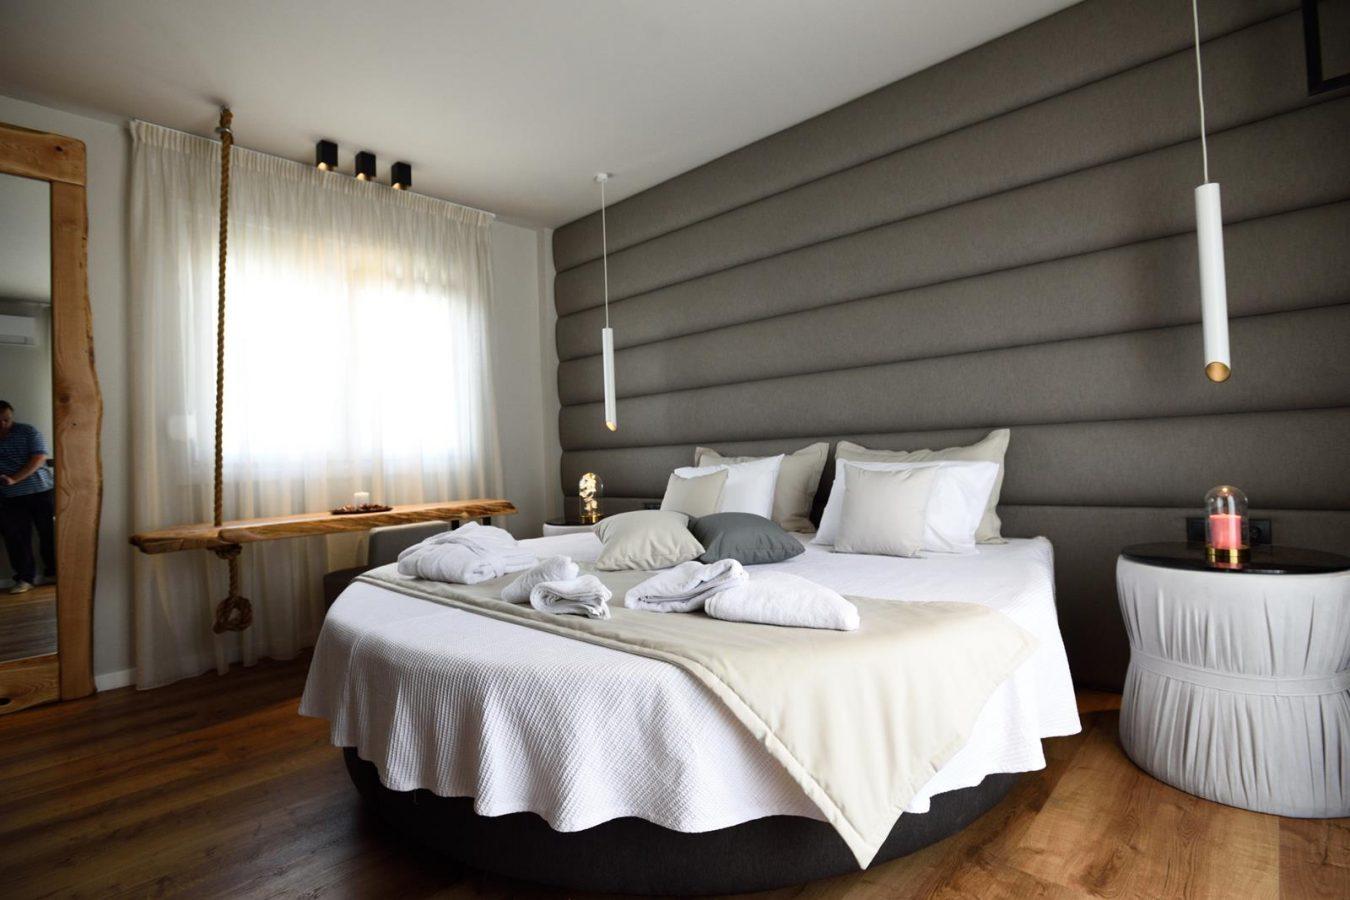 διαμονη κεντρο θεσσαλονικη - magnifique luxury suites